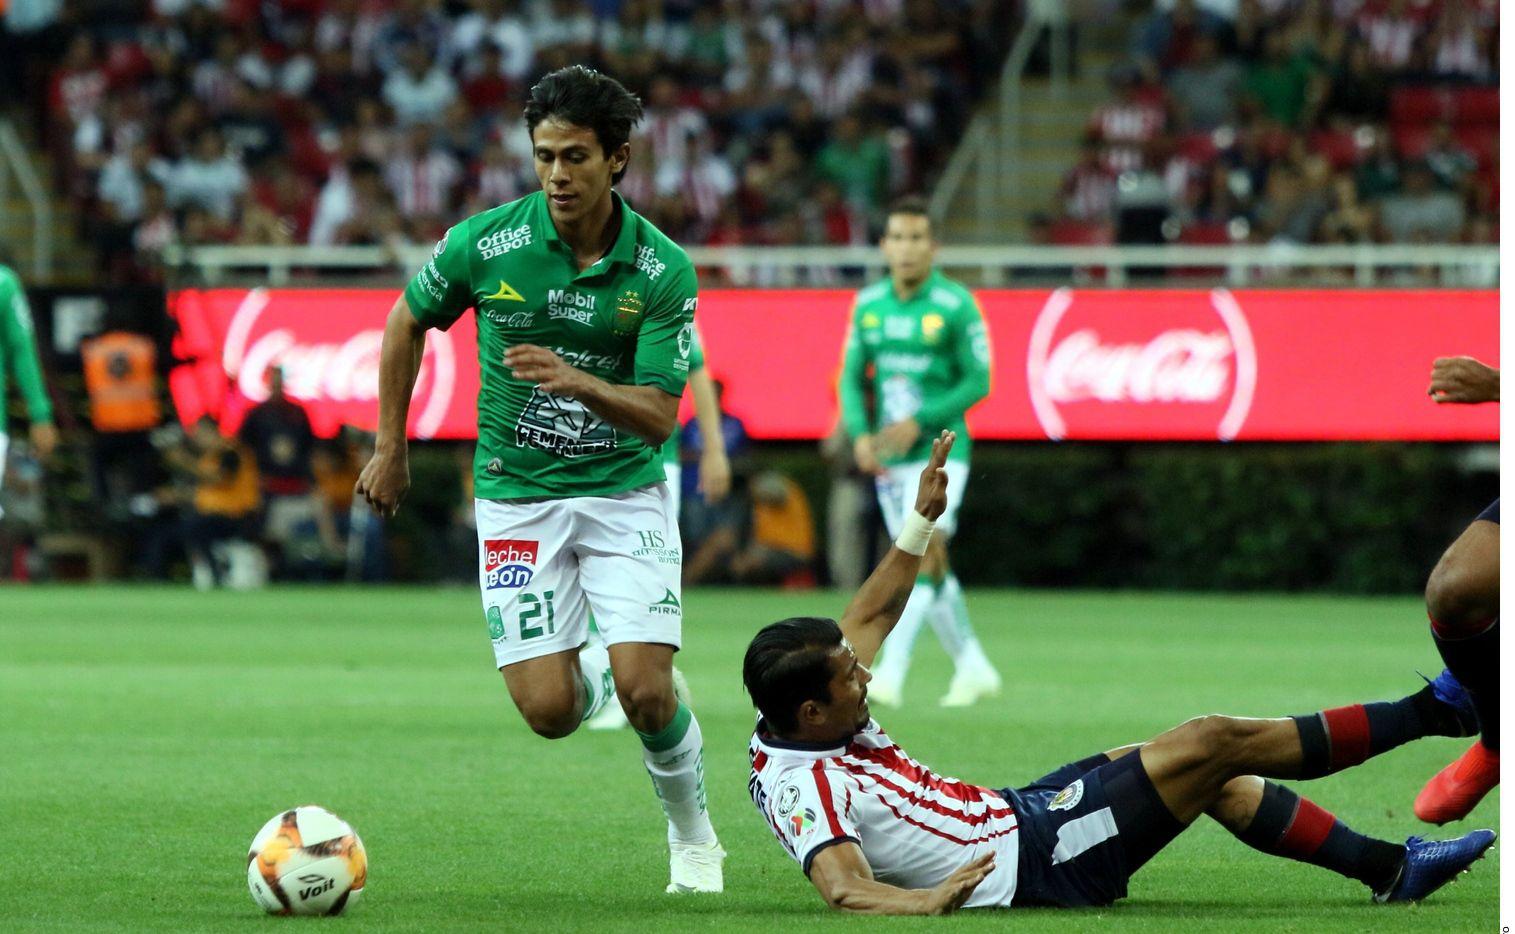 José Juan Macías del León quiere llegar al futbol de Europa. Chucho Martínez le prometió buscar esa opción.